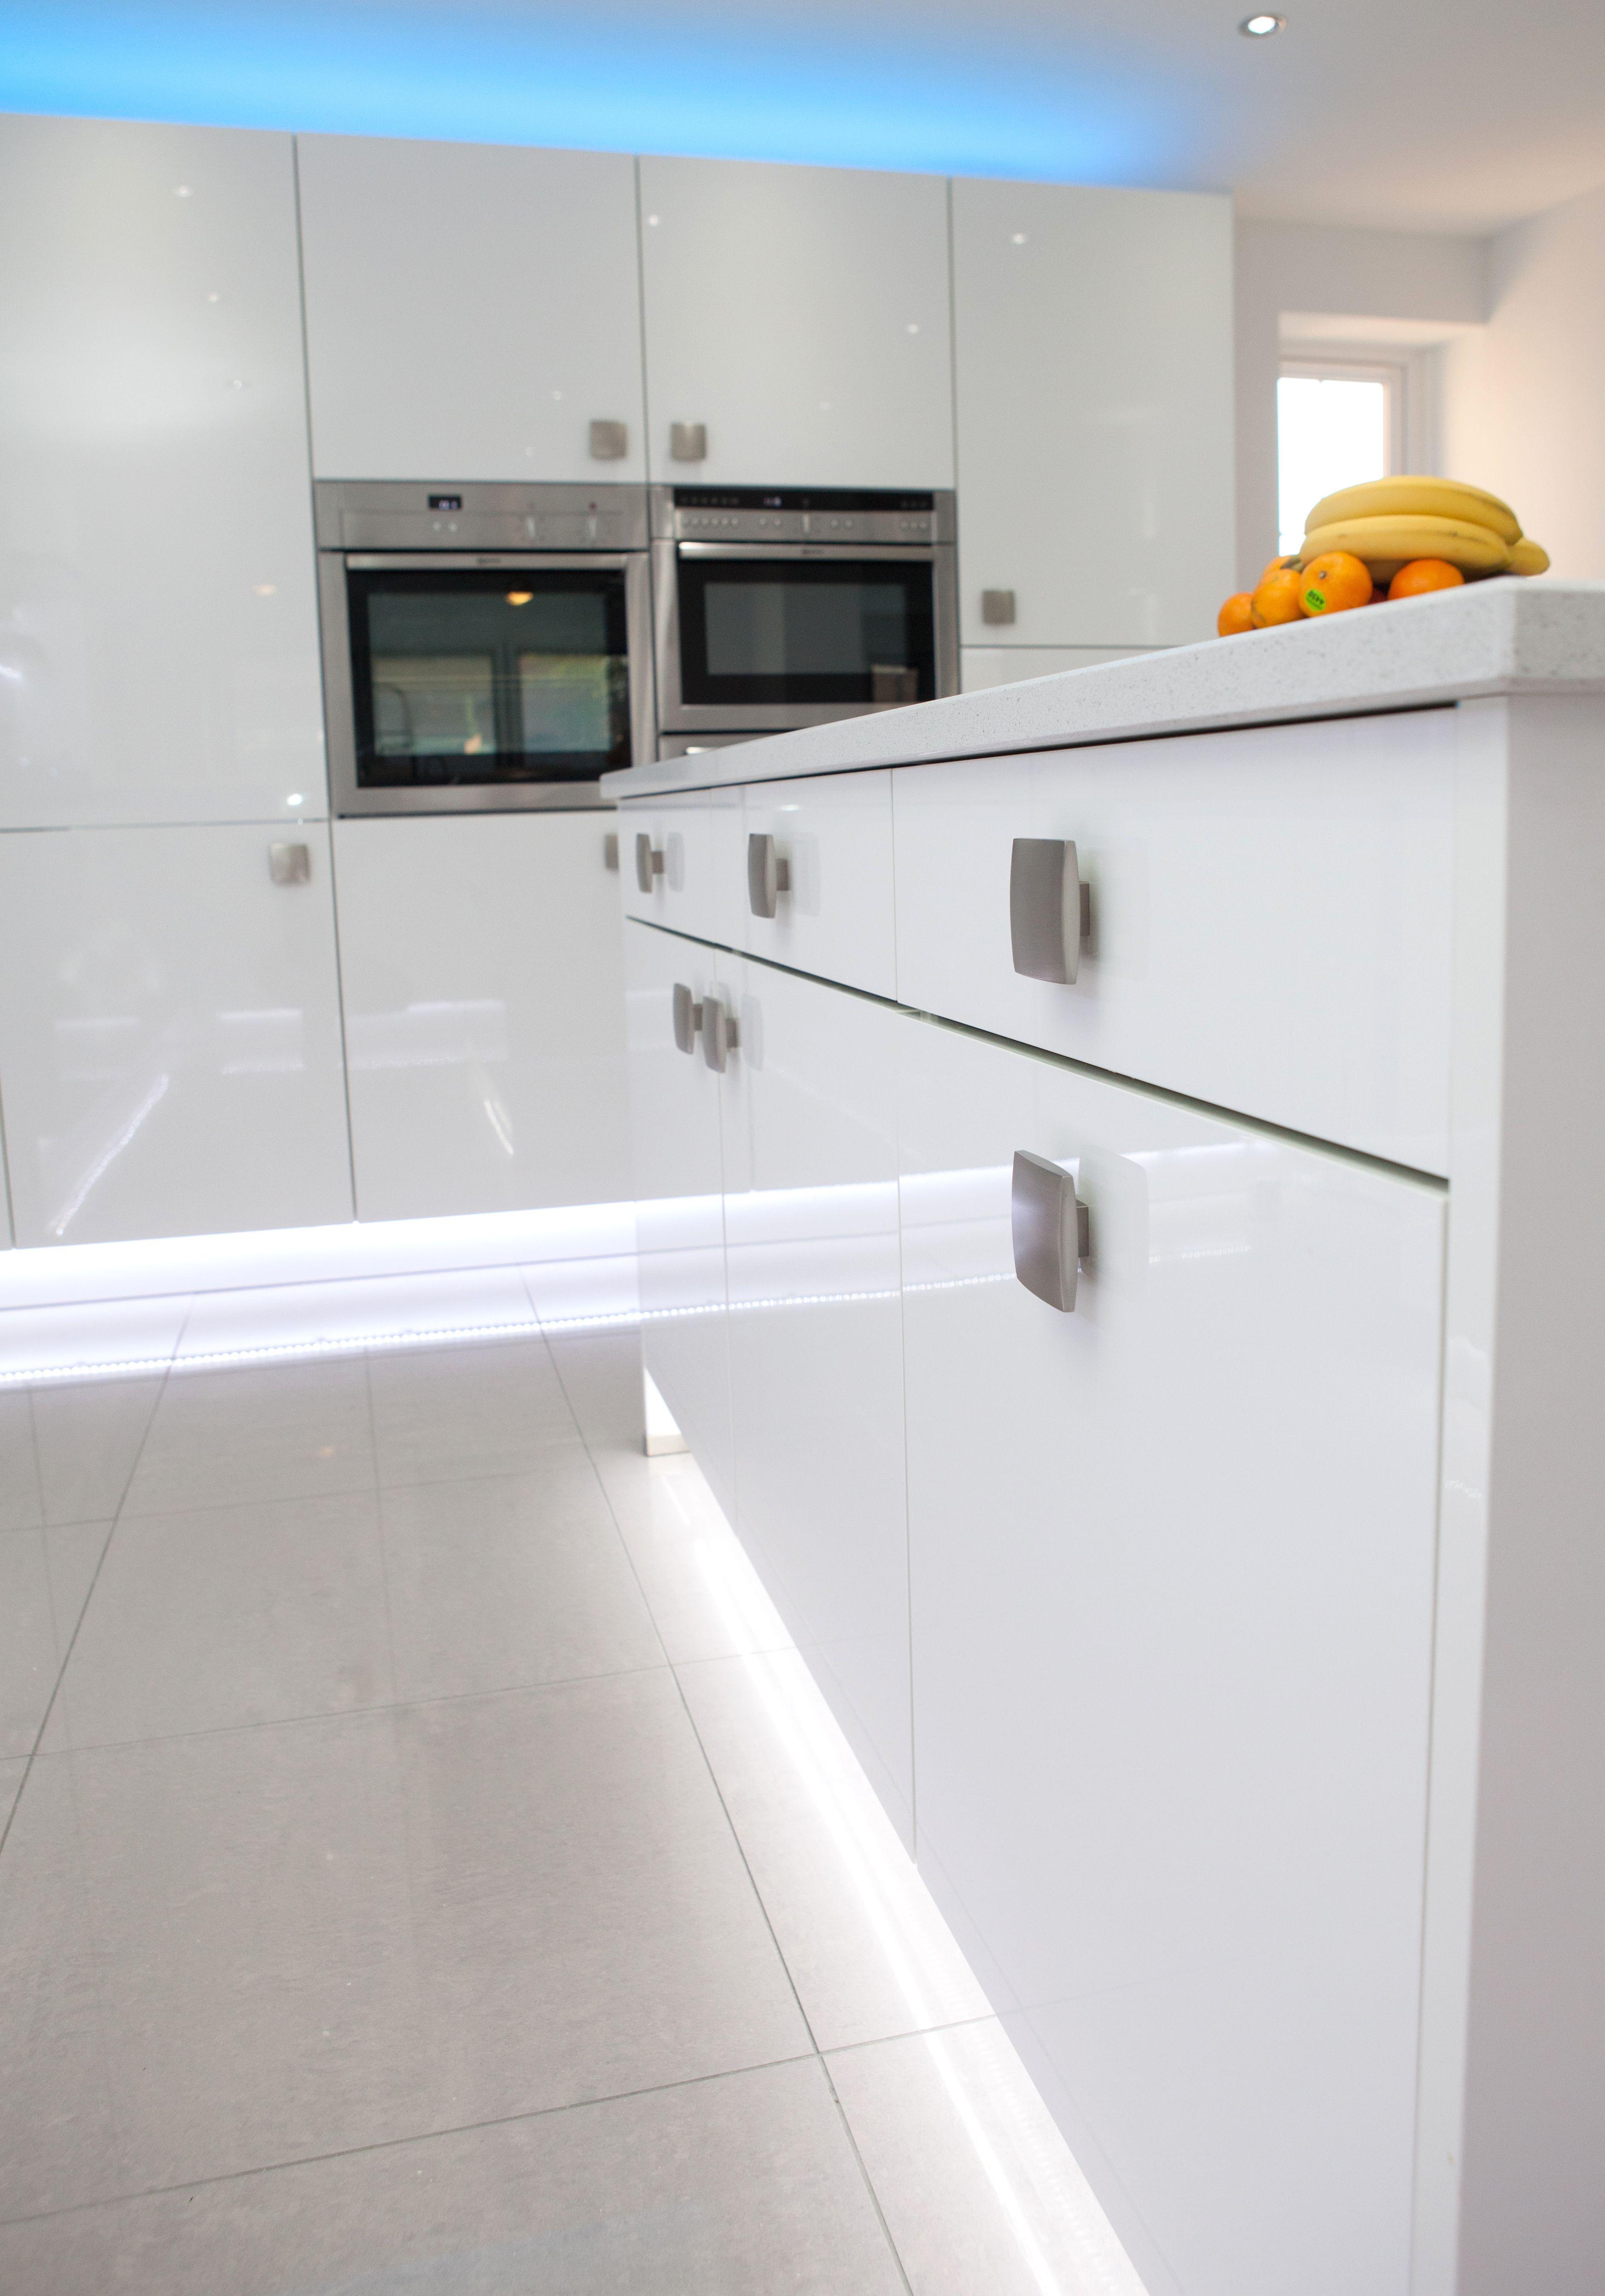 Nolte Kitchens | Glass splashbacks, Kitchens and White gloss kitchen